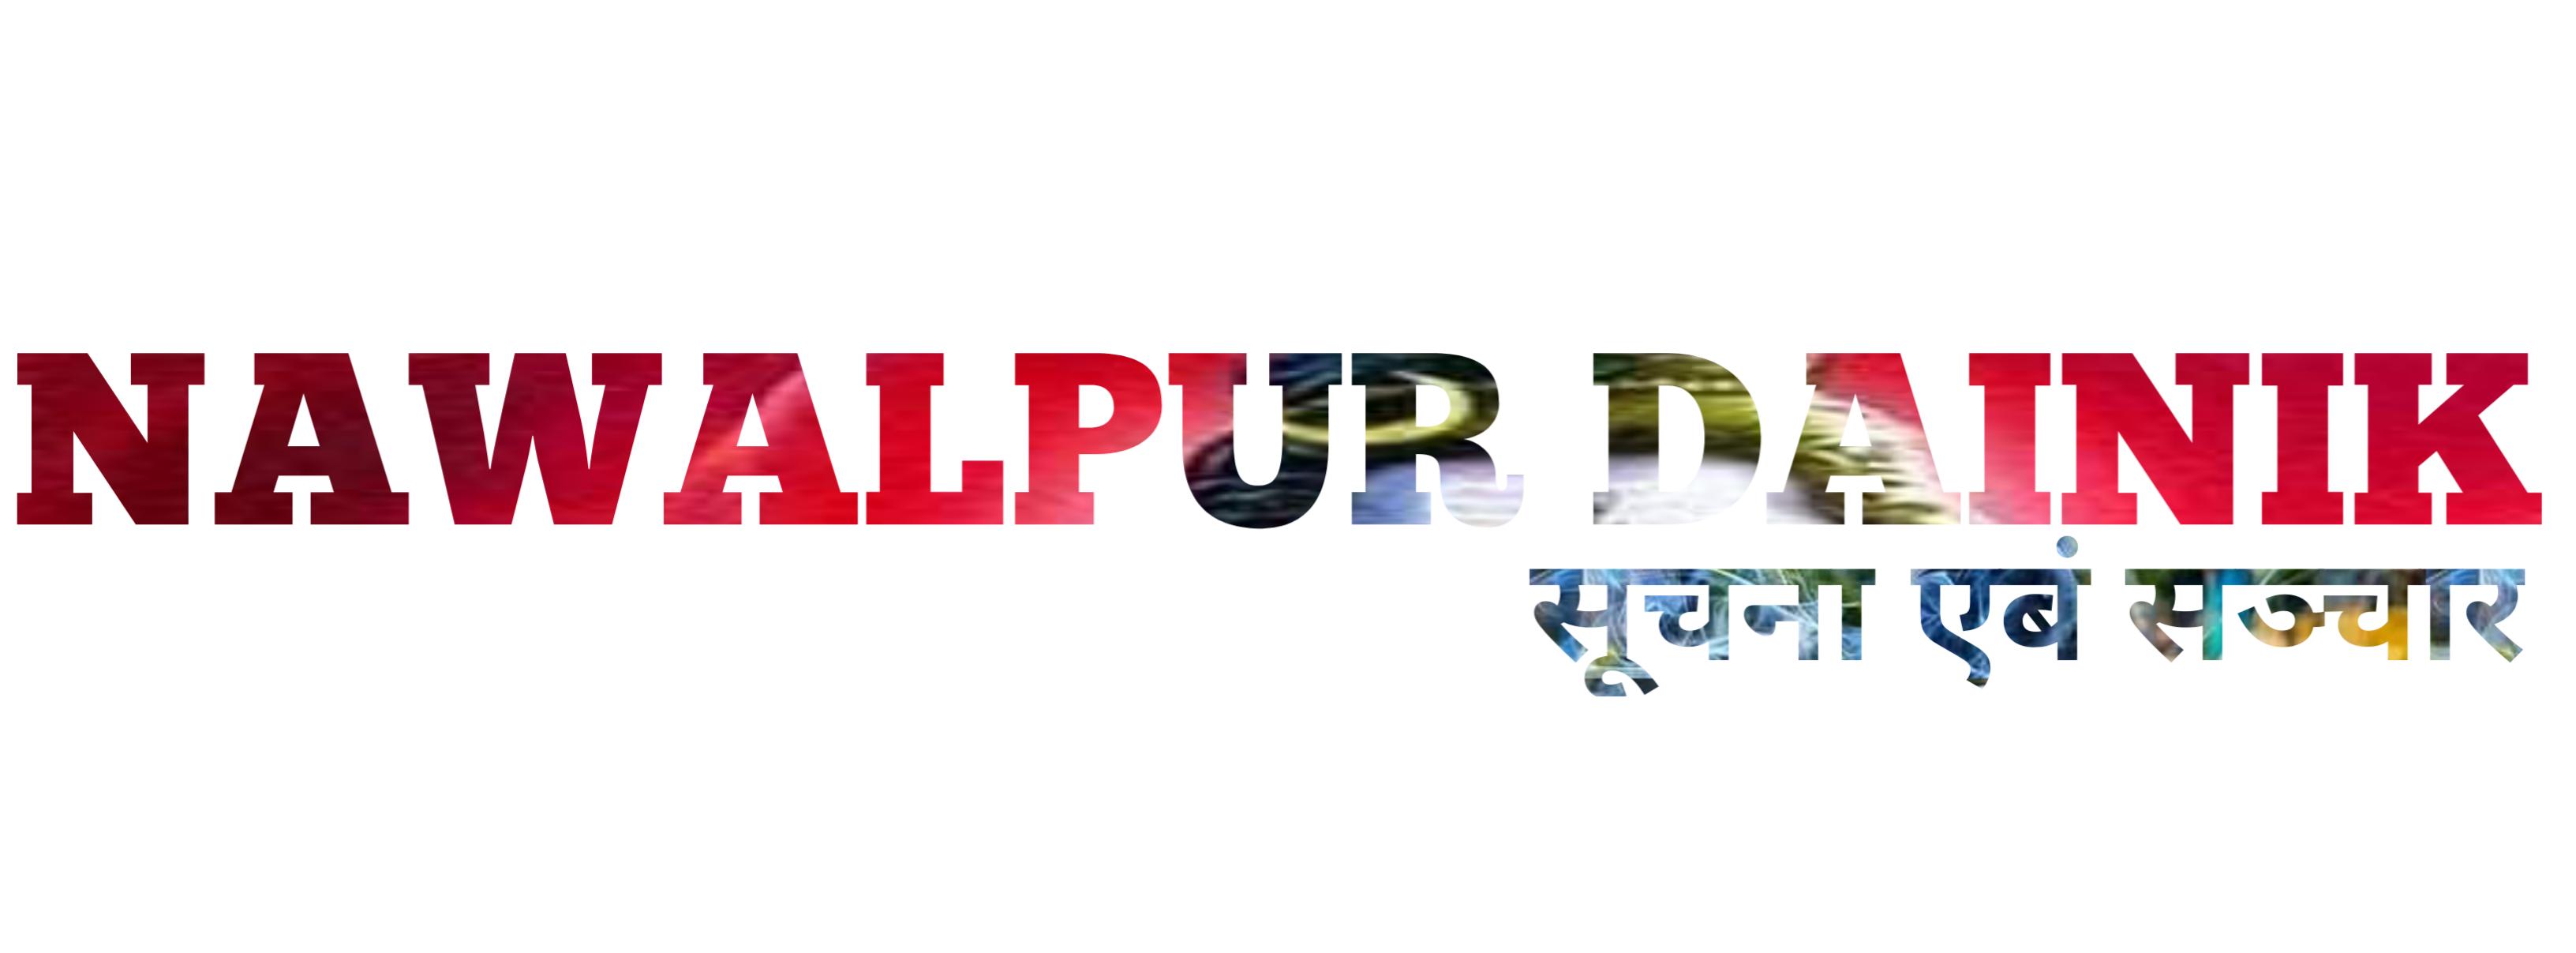 Nawalpur Dainik